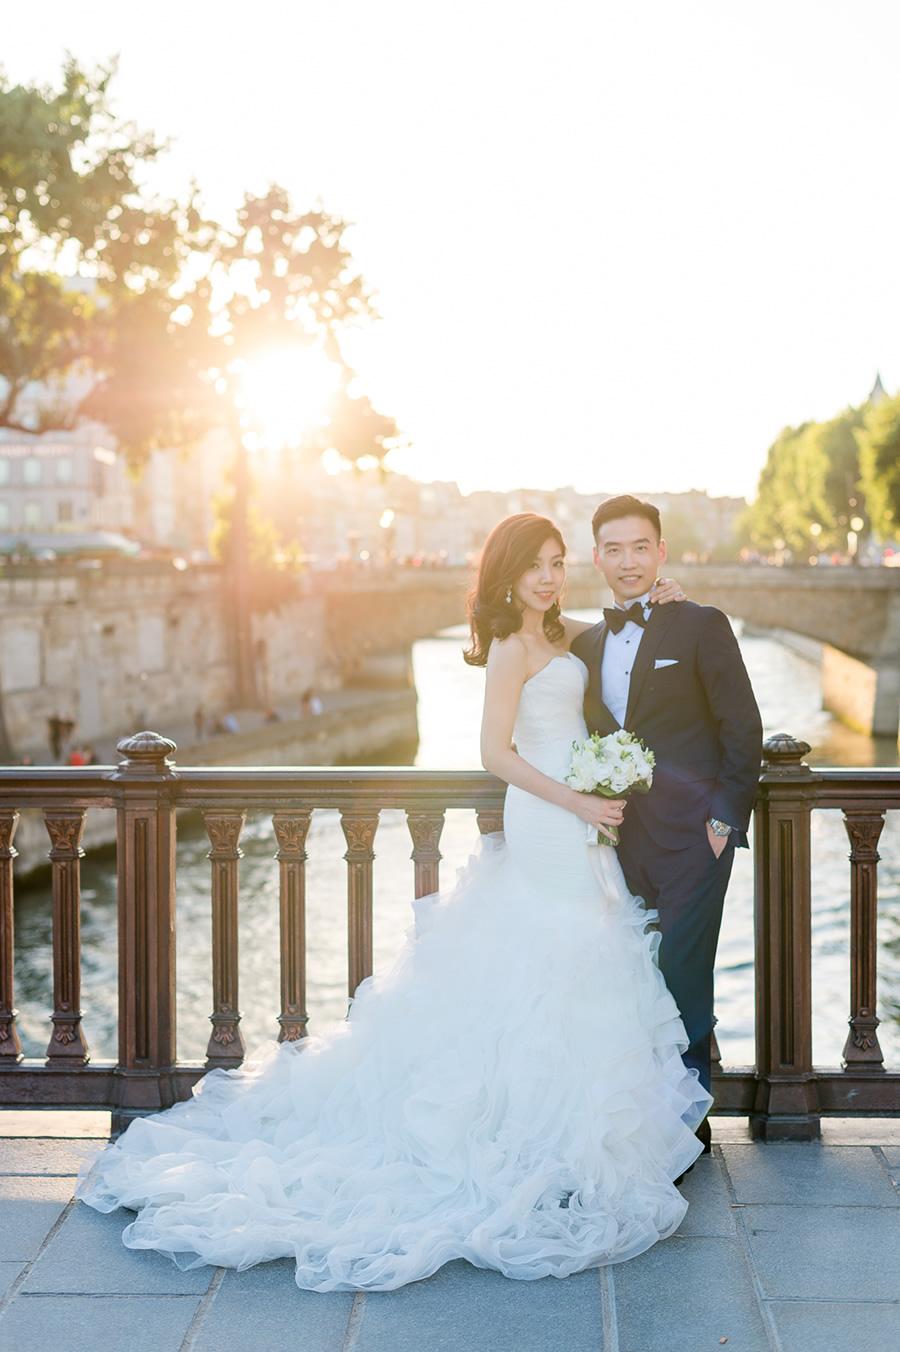 塞納河畔,法國婚紗, 巴黎婚紗, 海外婚紗, Pre-wedding, 自助婚紗, 海外婚紗, 婚紗攝影, 手工婚紗 ,自助婚紗工作室, 婚紗攝影工作室 ,手工婚紗, 婚攝roger